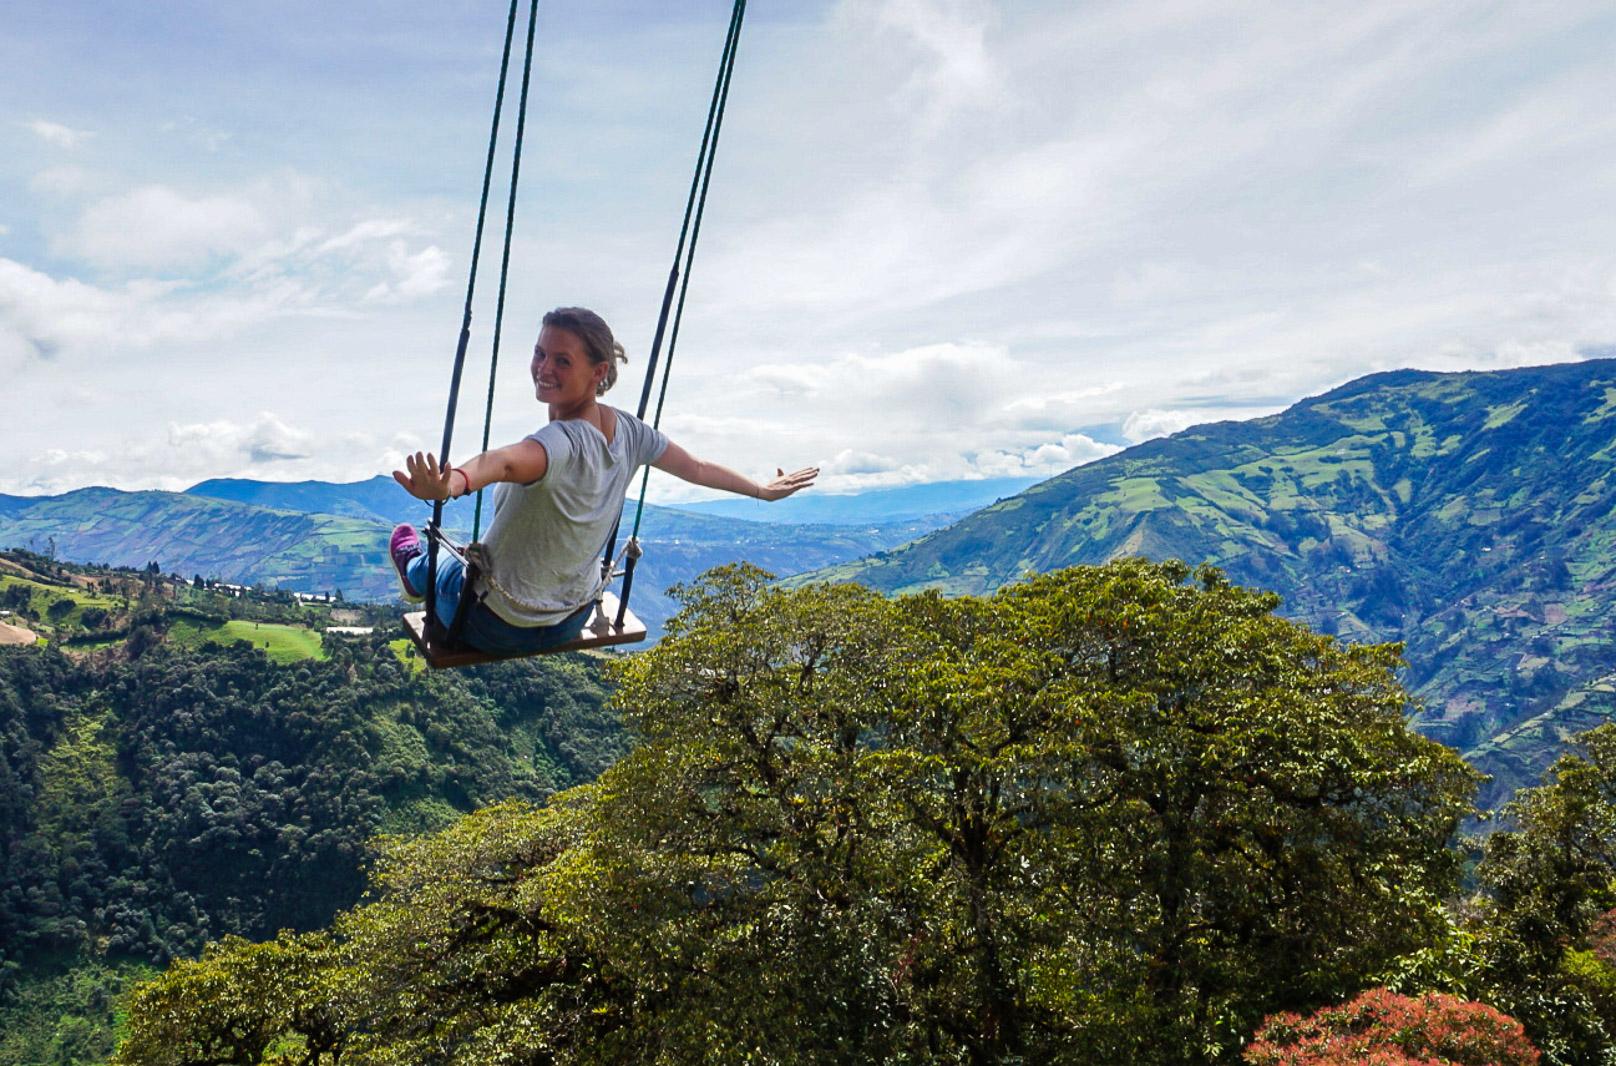 Ecuador_losbanos_swing, olotravel, sharethelove, traveling alone, female travel